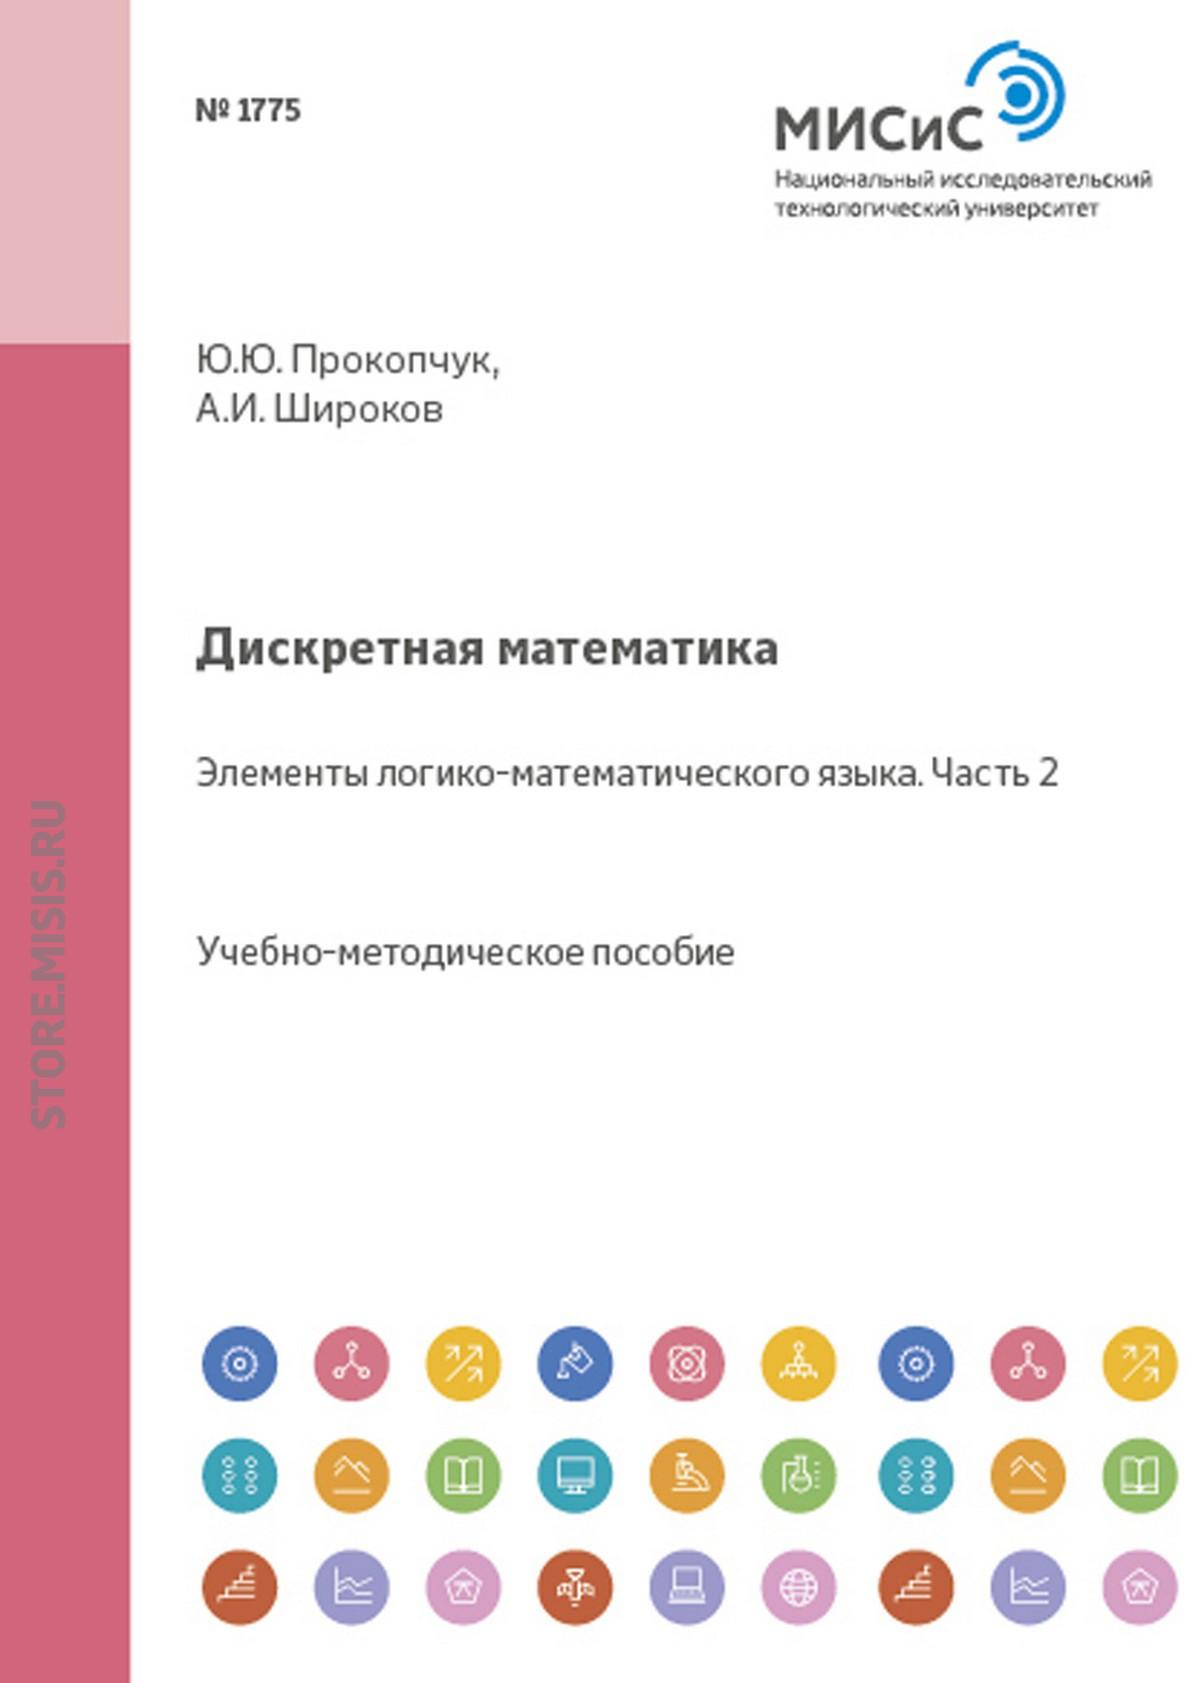 А. И. Широков Дискретная математика. Элементы логико-математического языка. Часть II а и широков дискретная математика основные теоретико множественные конструкции часть v